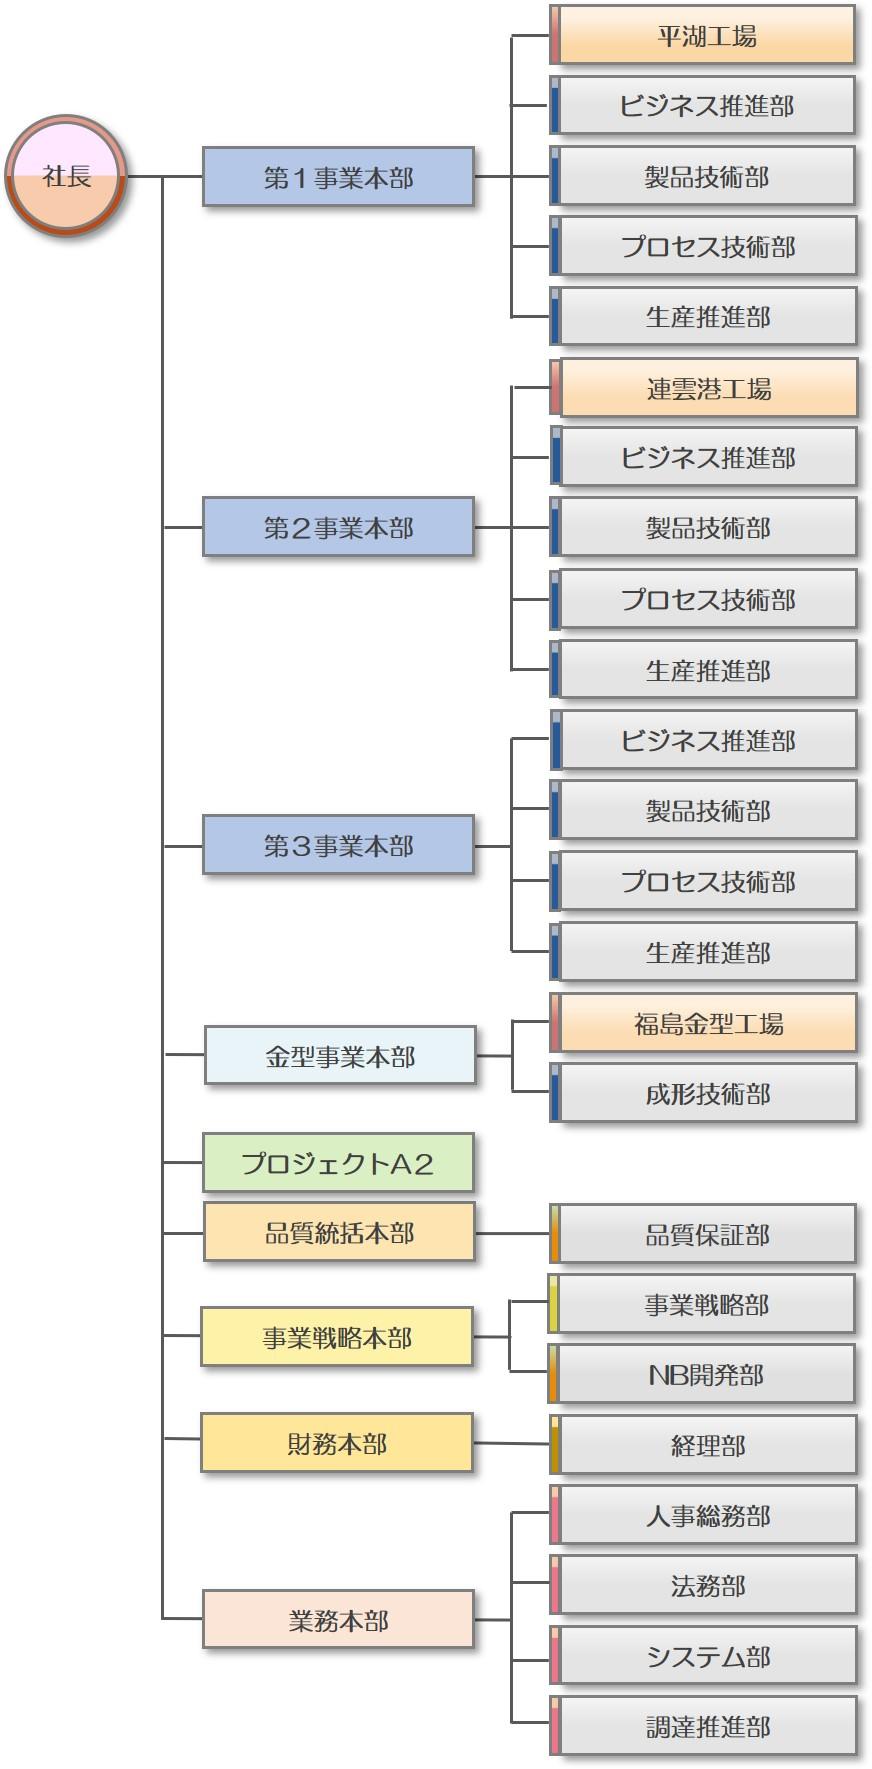 http://kantatsu.co.jp/guide/img/HP%E7%B5%84%E7%B9%94%E5%9B%B3%28%E6%97%A5%E6%96%87%292020.4.1%E5%85%AC%E9%96%8B.jpg